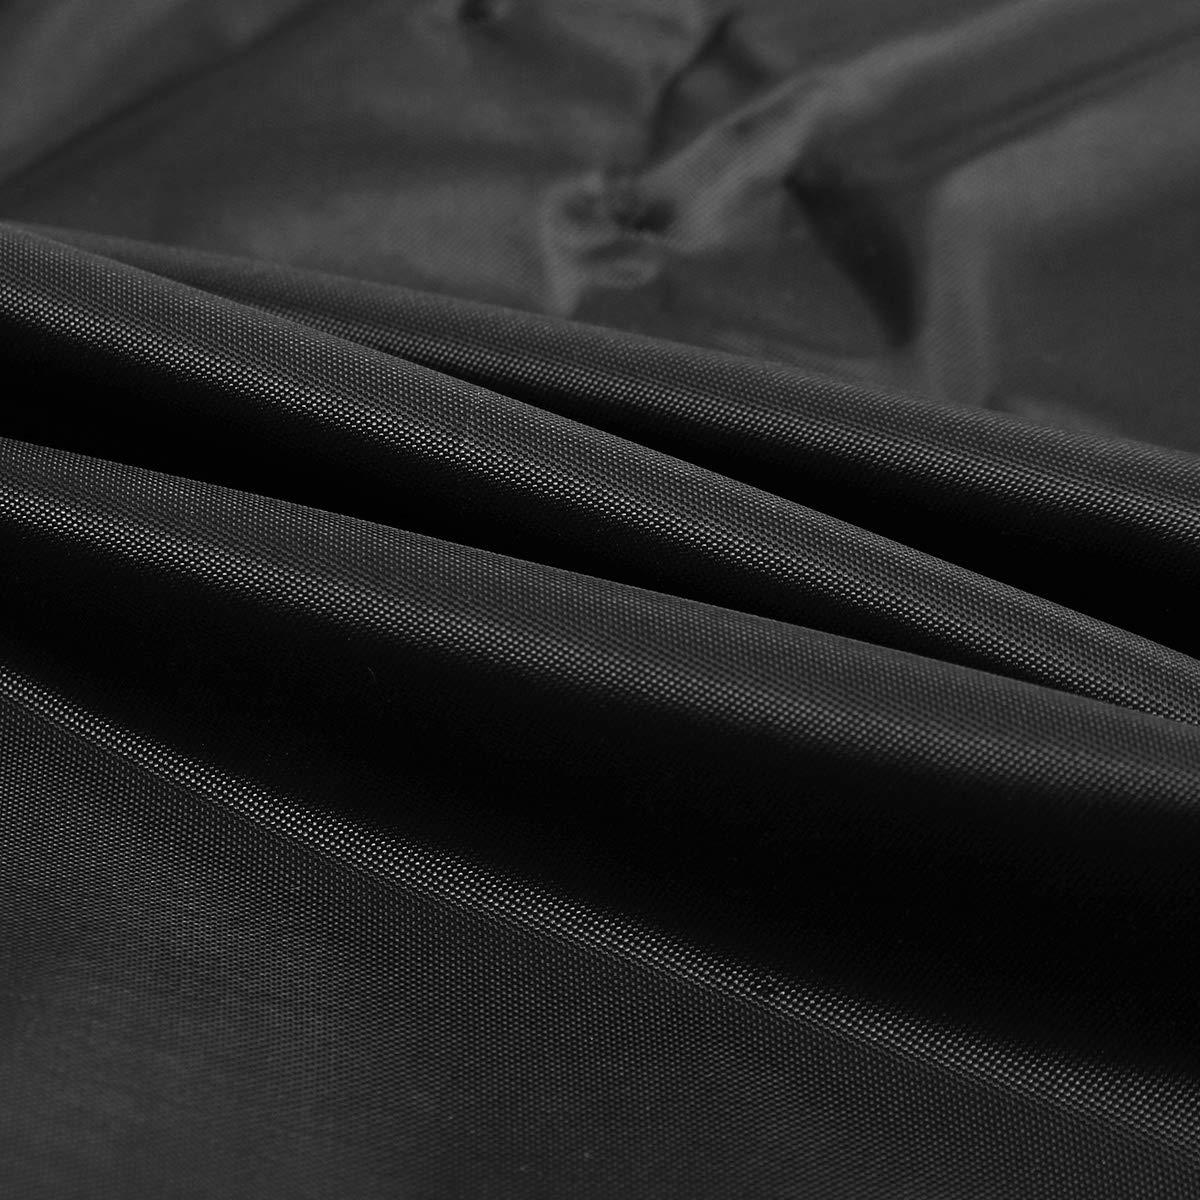 210D UTV Abdeckplane 2,9 1,5 1.9 m Fahrzeug Abdeckung Schutz Cover Winterfest Staub Regen UV-Schutz Camouflage